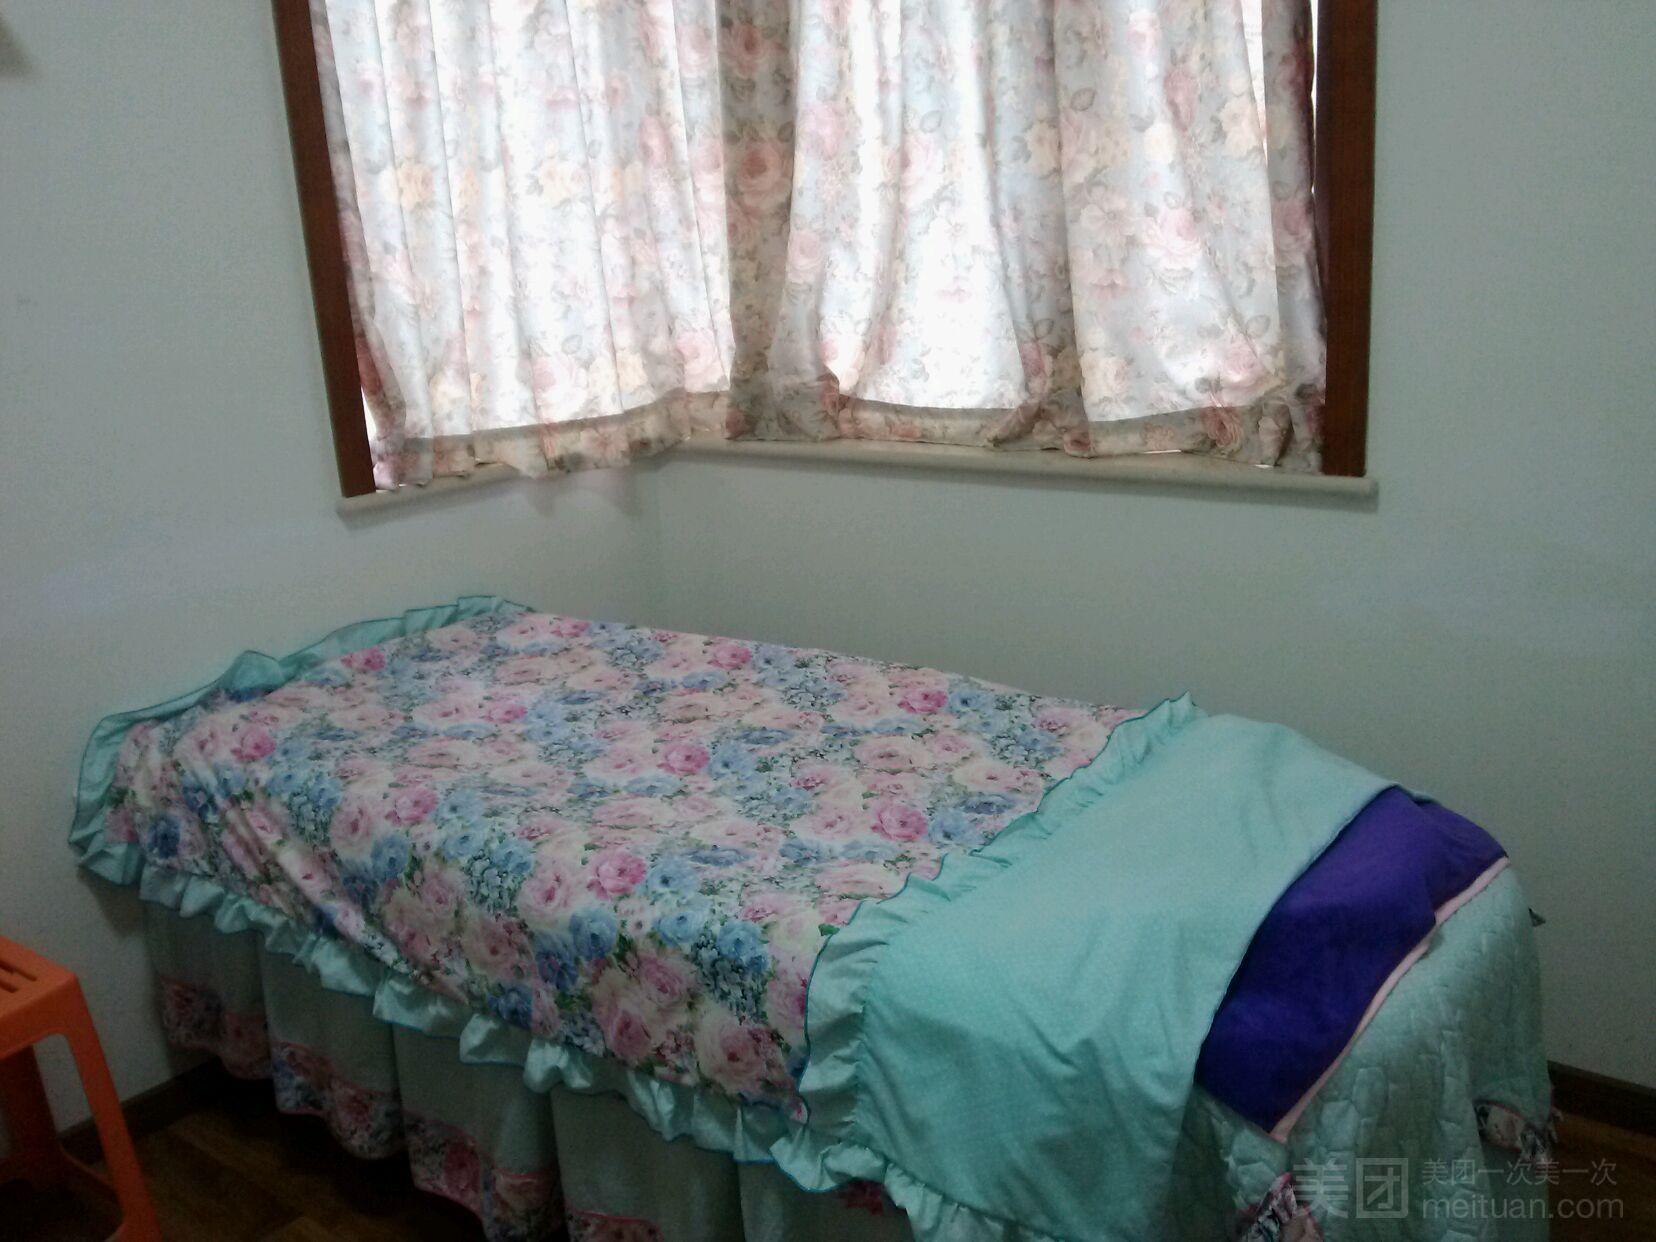 金牛区万达D区,肖家村2巷88号,1栋2单元1807室(荷花池,金牛万达)